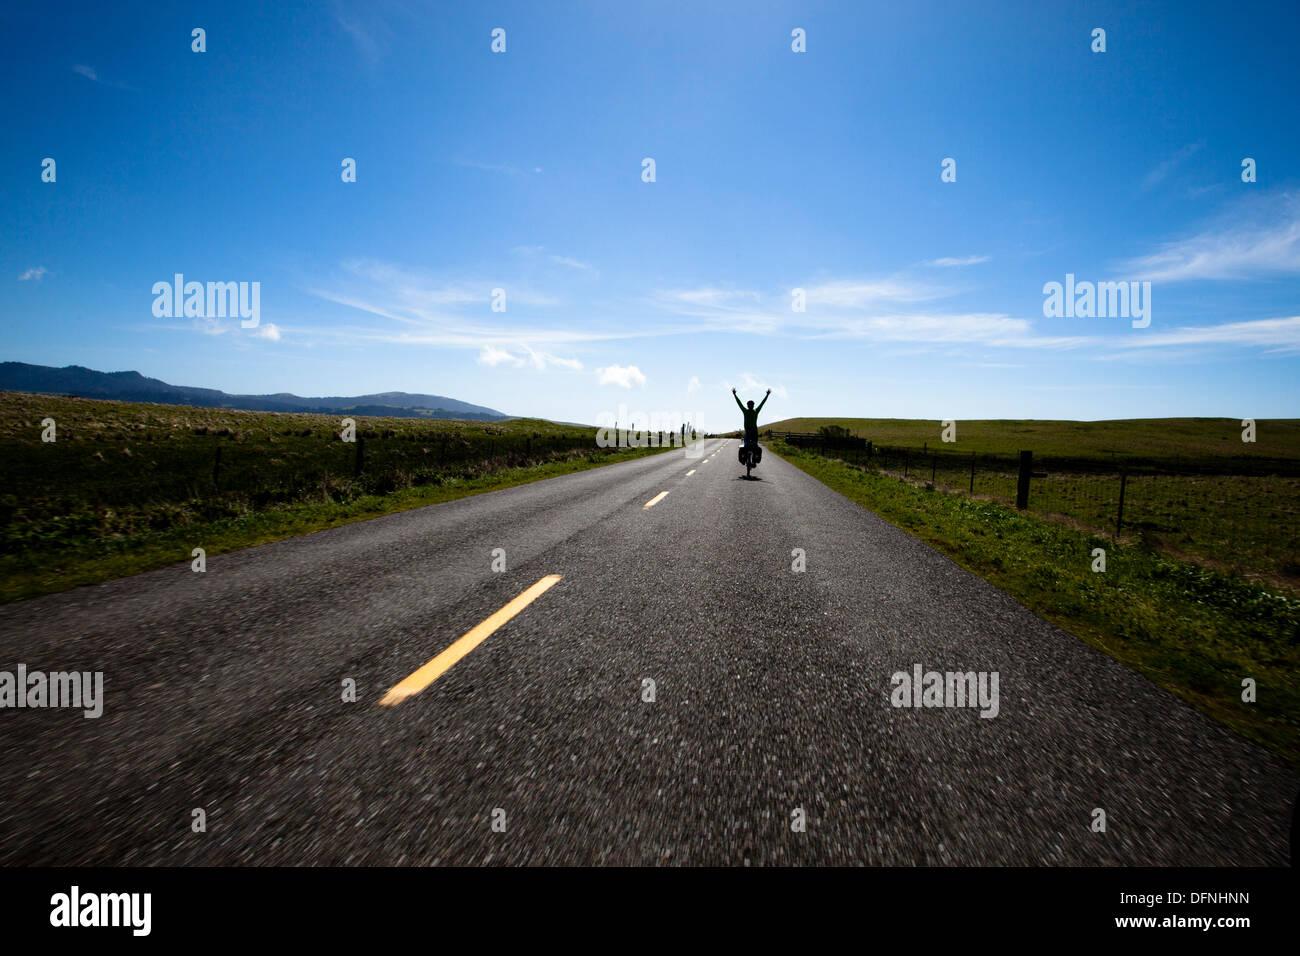 Ein männlicher Radfahrer wirft seine Arme über seinen Kopf nach erreichen des Gipfels beginnt Straße in der Nähe von Ferndale, Kalifornien. Stockbild